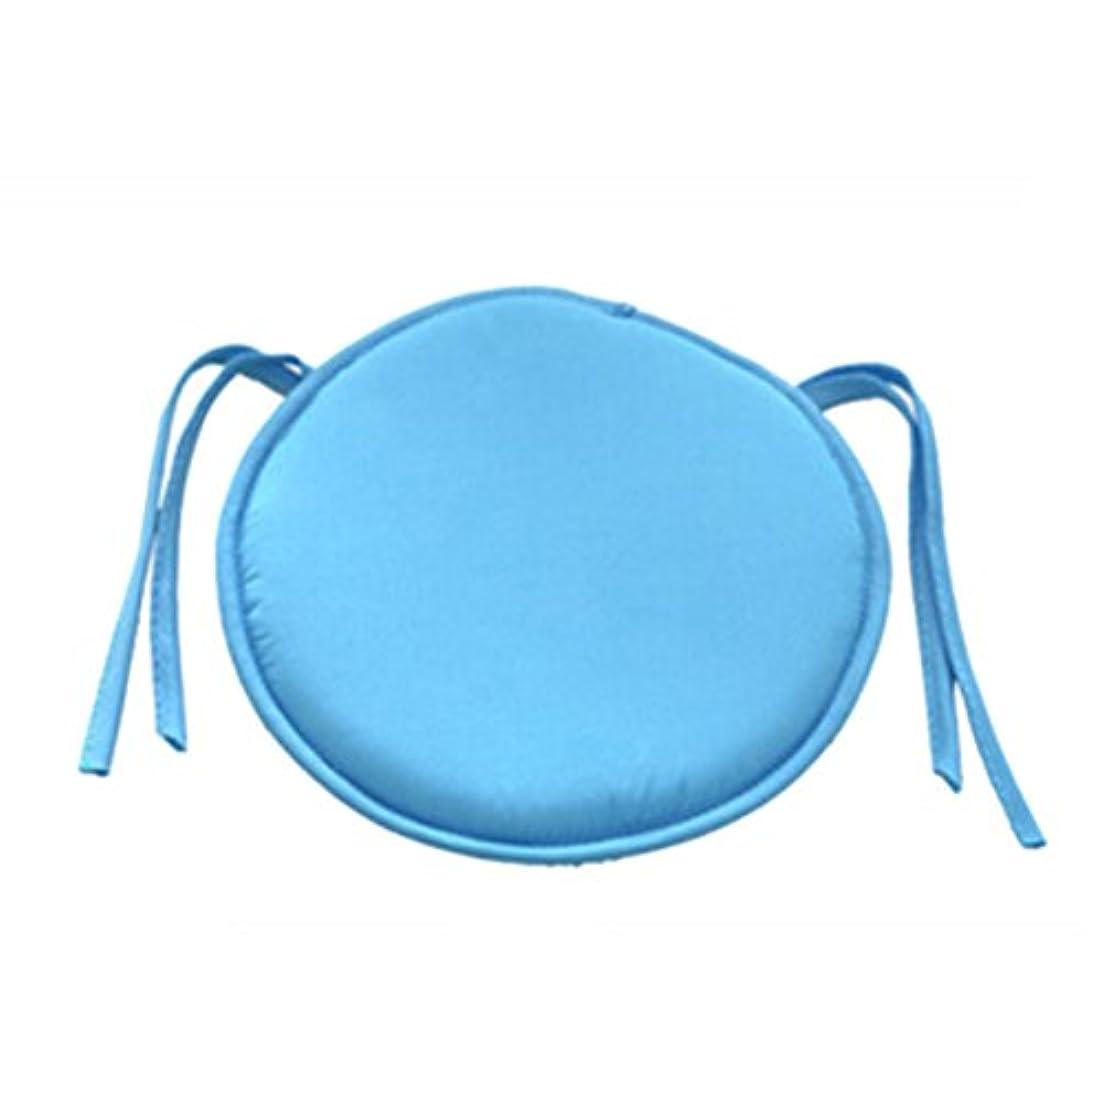 支配する腫瘍タンカーSMART ホット販売ラウンドチェアクッション屋内ポップパティオオフィスチェアシートパッドネクタイスクエアガーデンキッチンダイニングクッション クッション 椅子